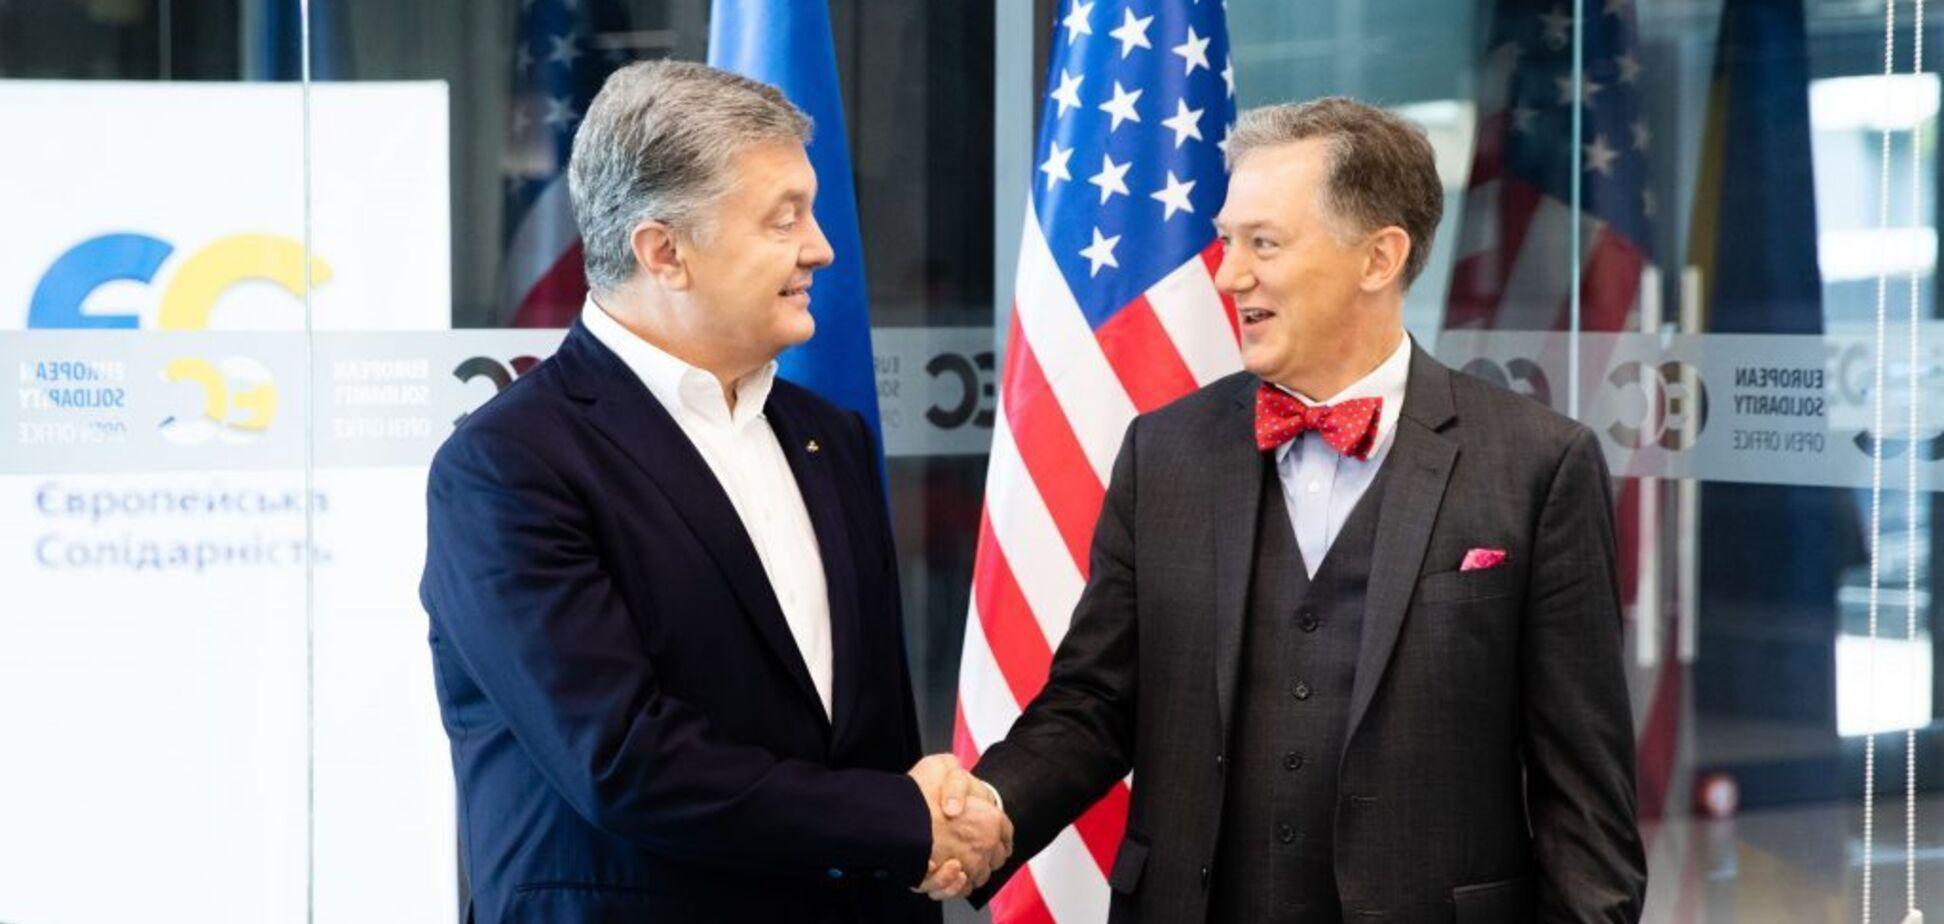 Порошенко під час зустрічі з повіреним у справах США заявив про небезпеку угоди щодо 'Північного потоку-2'